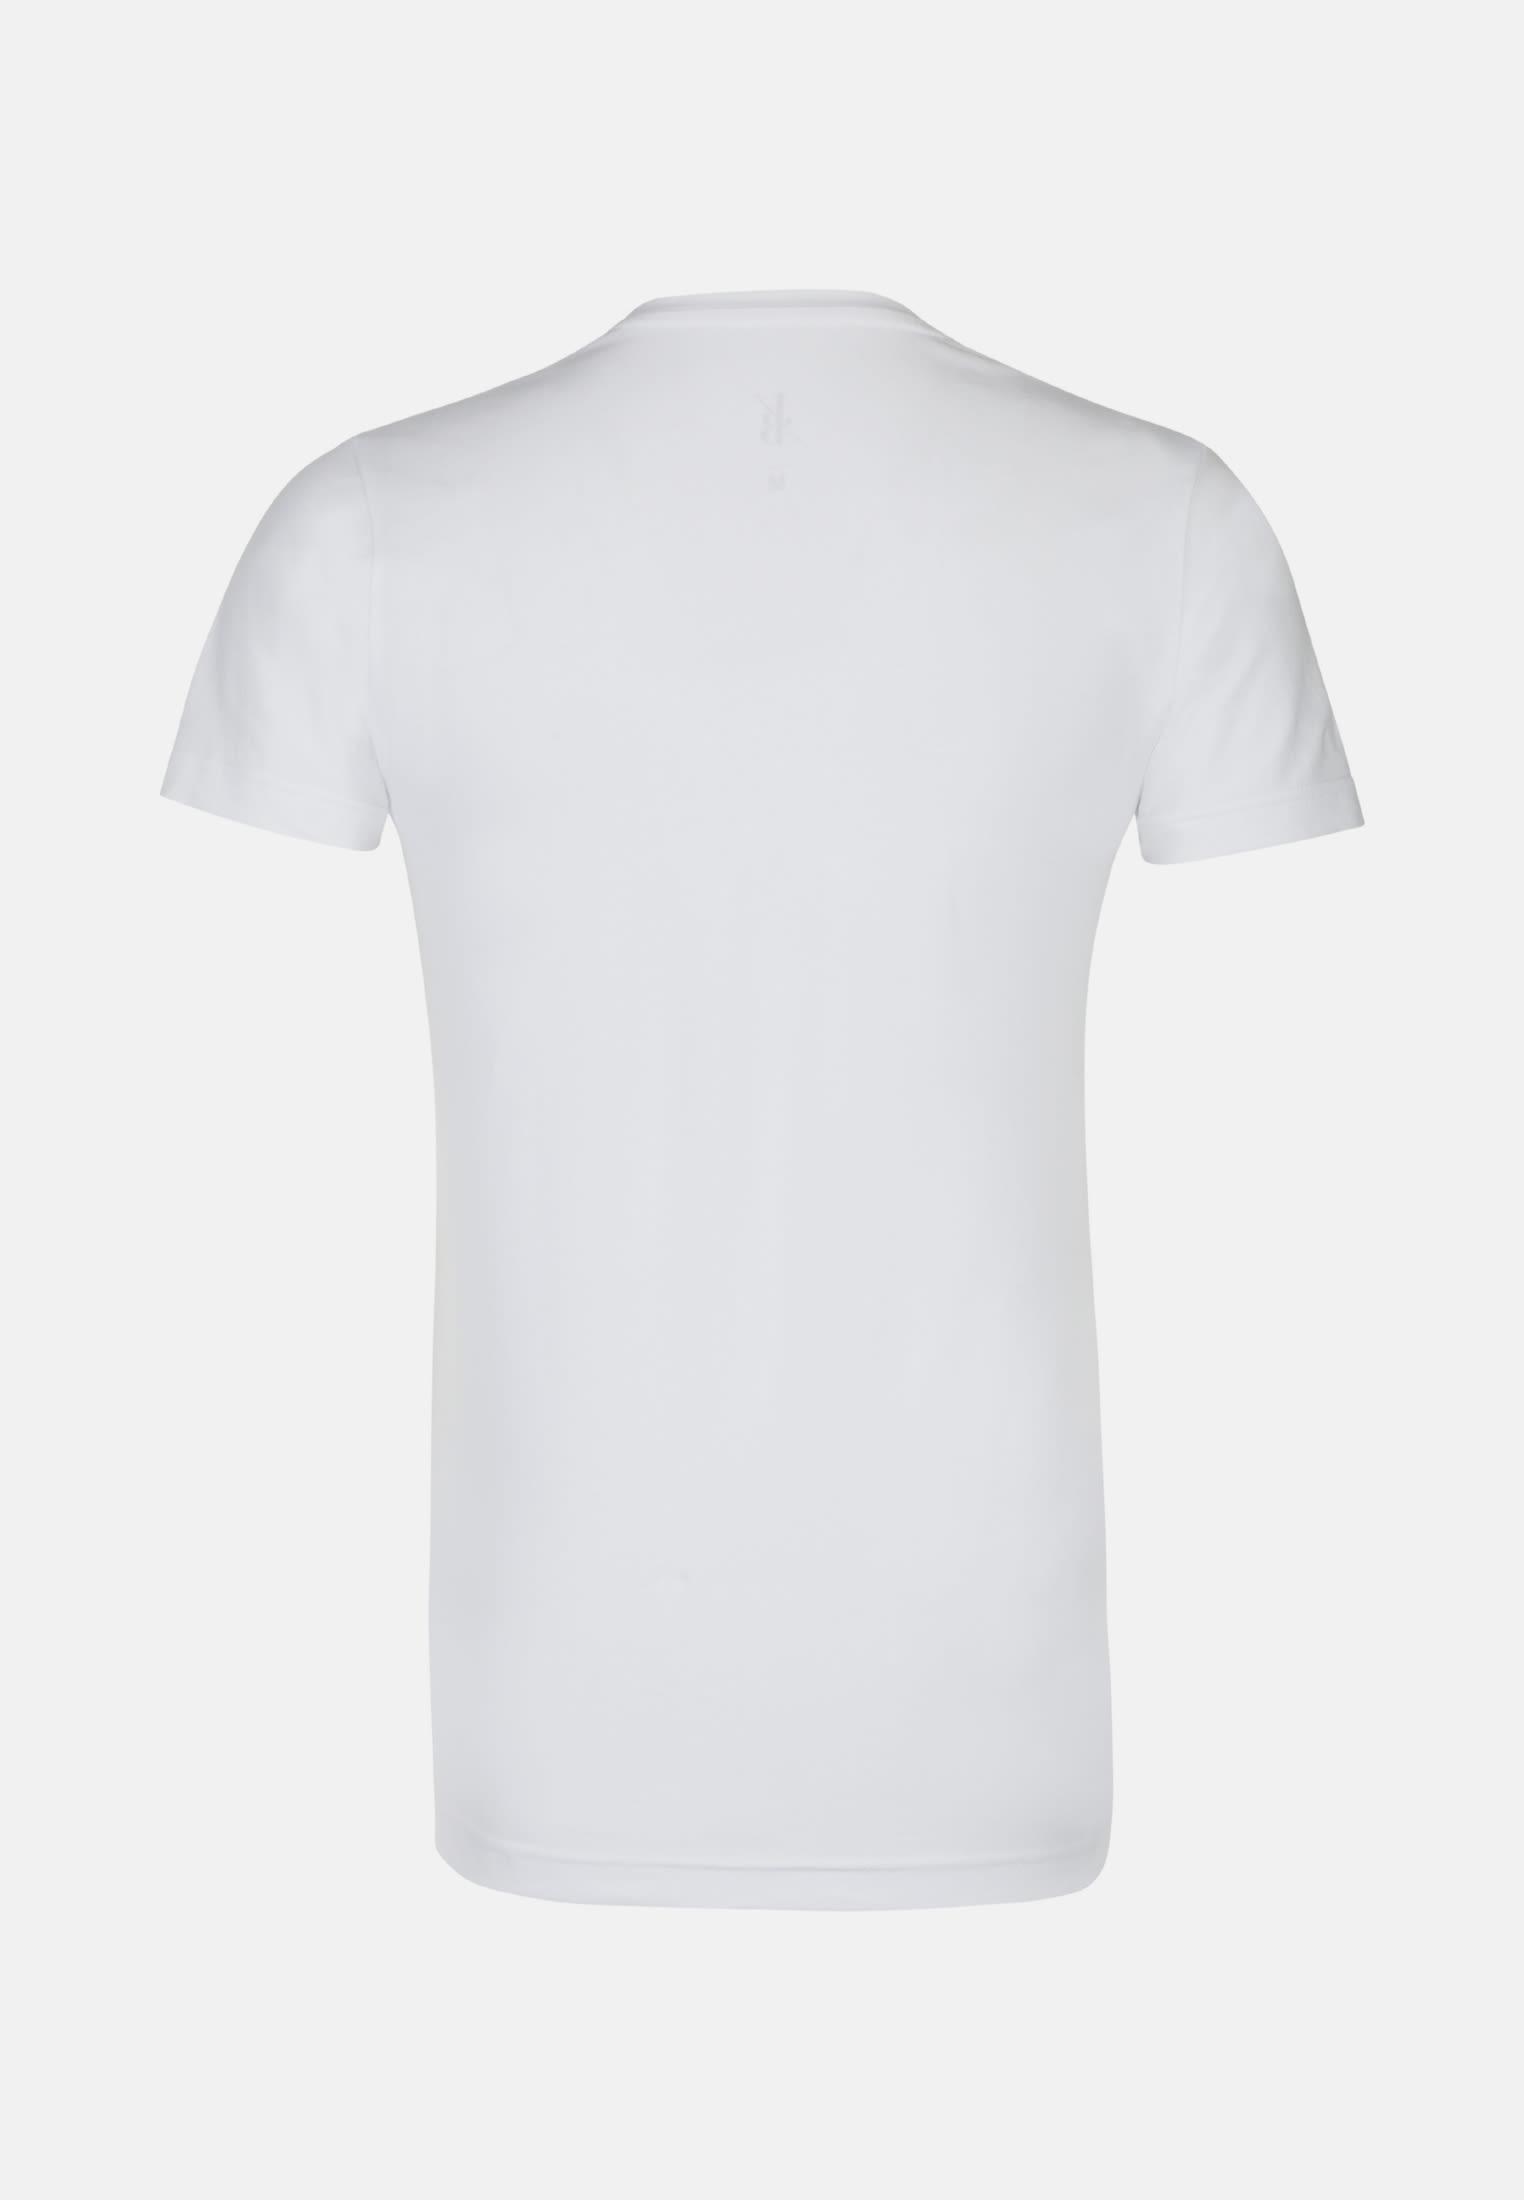 Rundhals T-Shirt aus Baumwollmischung in Weiß    Jacques Britt Onlineshop